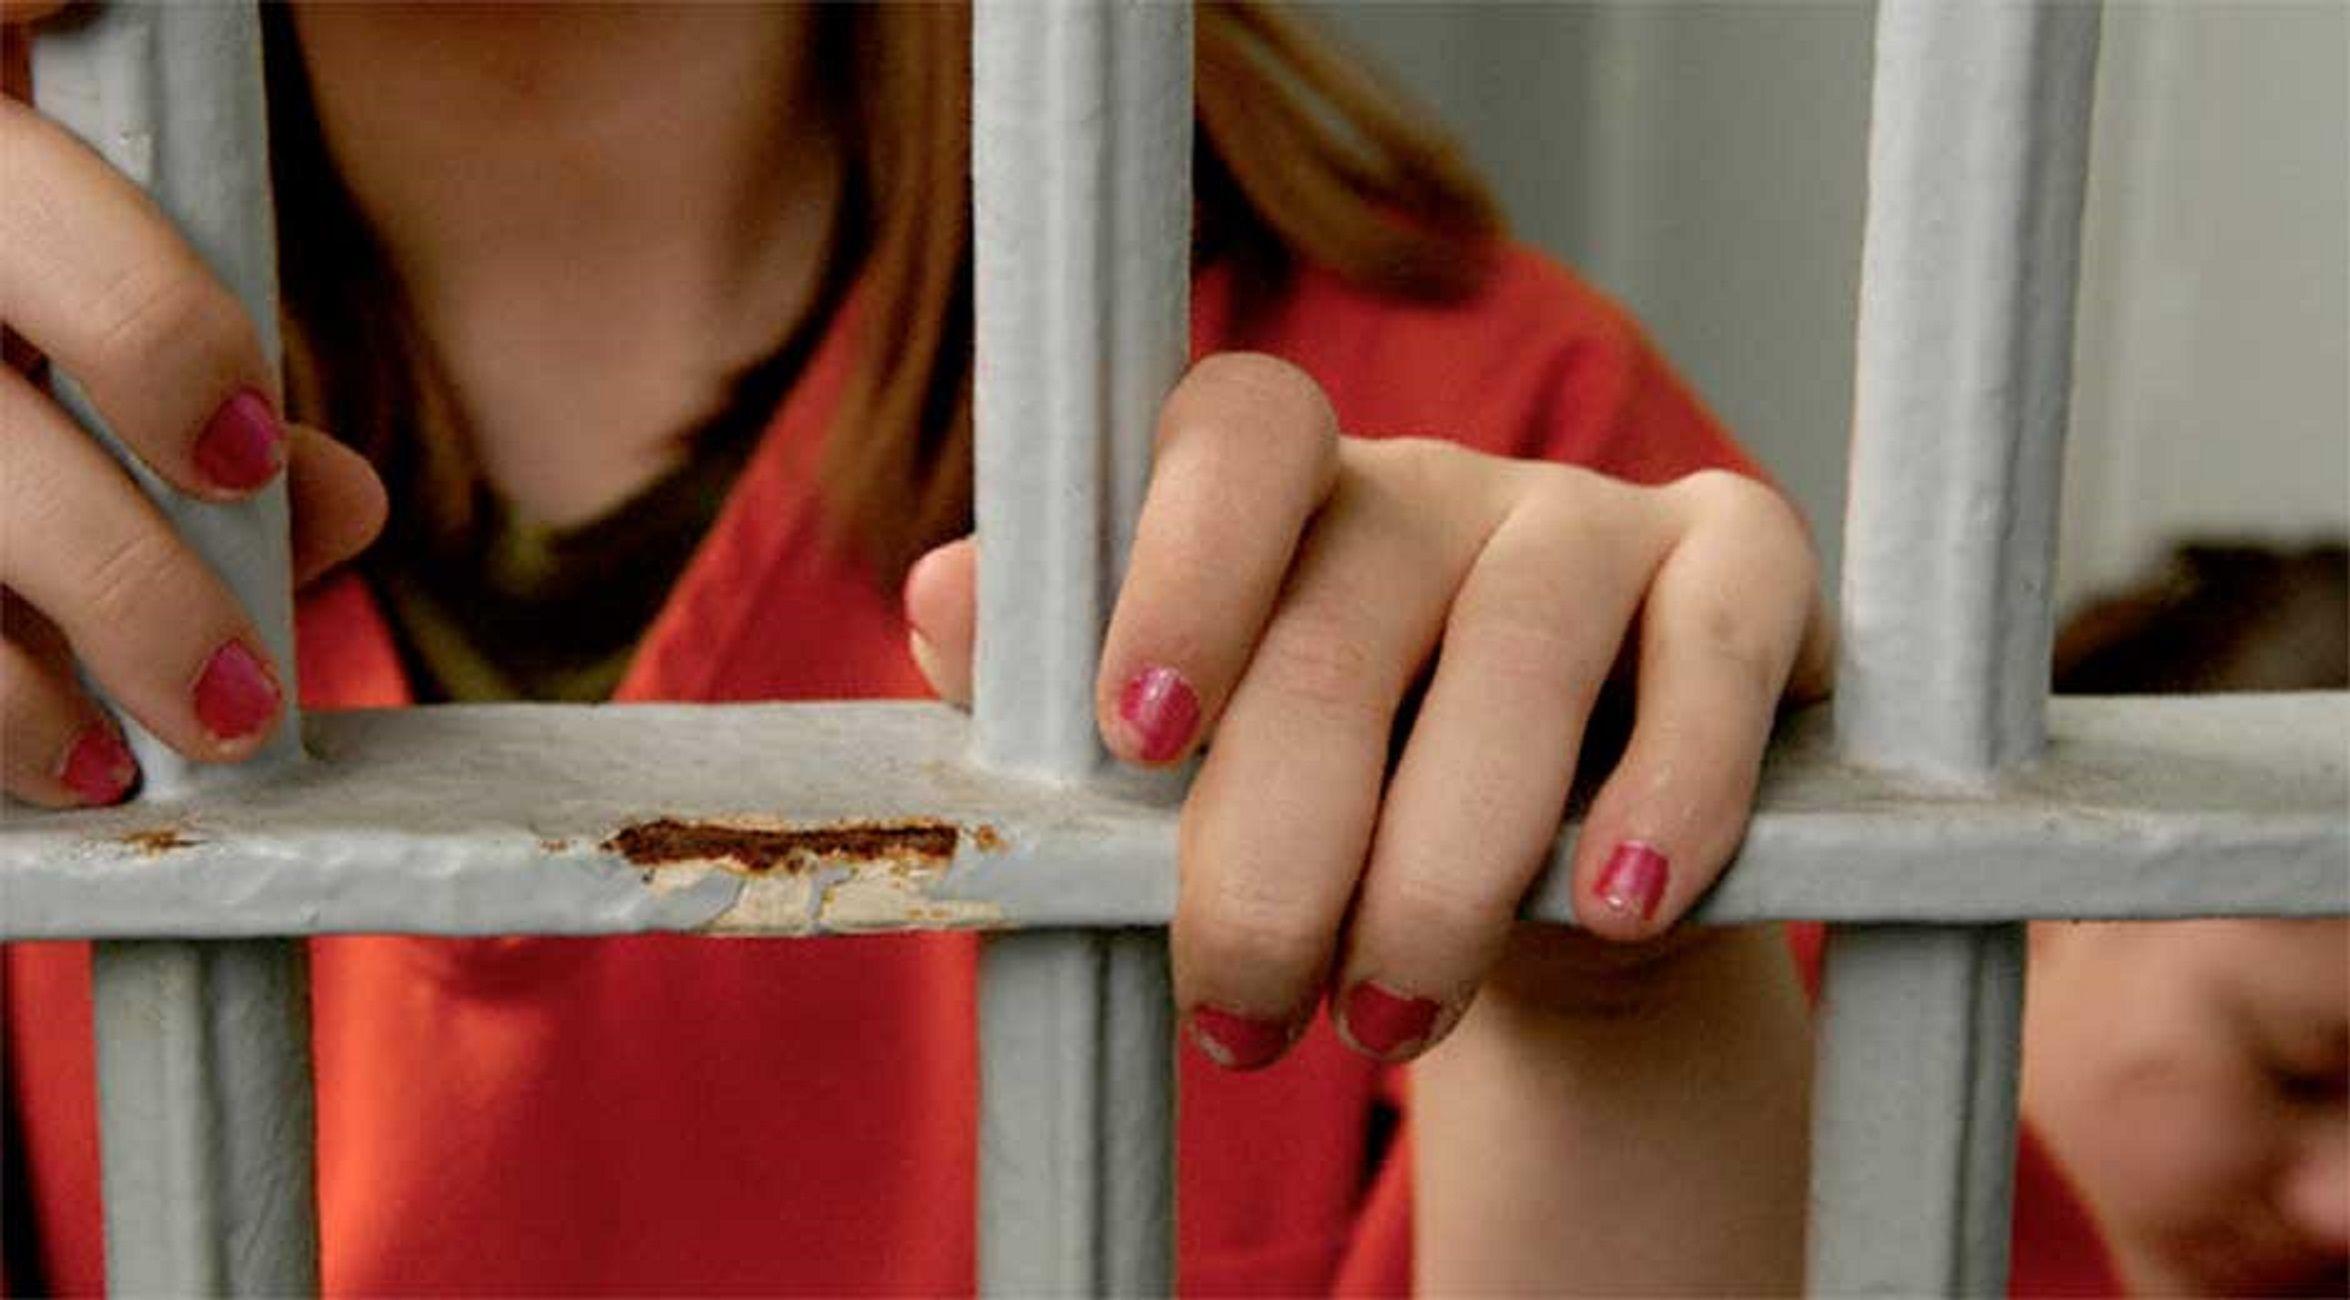 Está presa hace ocho años por un crimen que dice no haber cometido y pide que la liberen